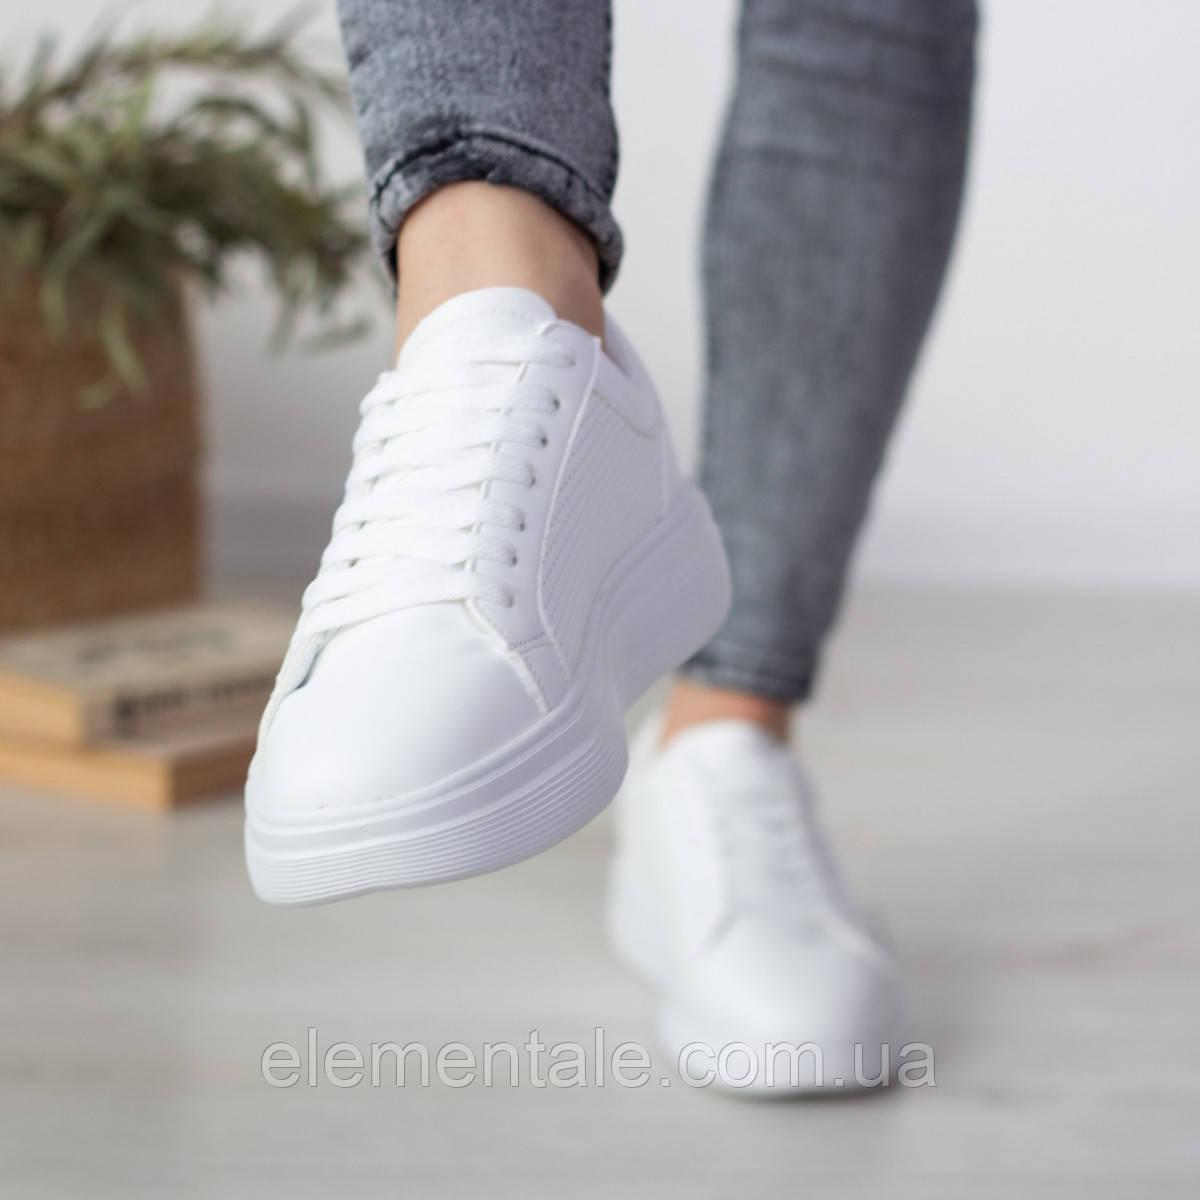 Кросівки жіночі Fashion Algonquin 2519 39 розмір 24,5 см Білий